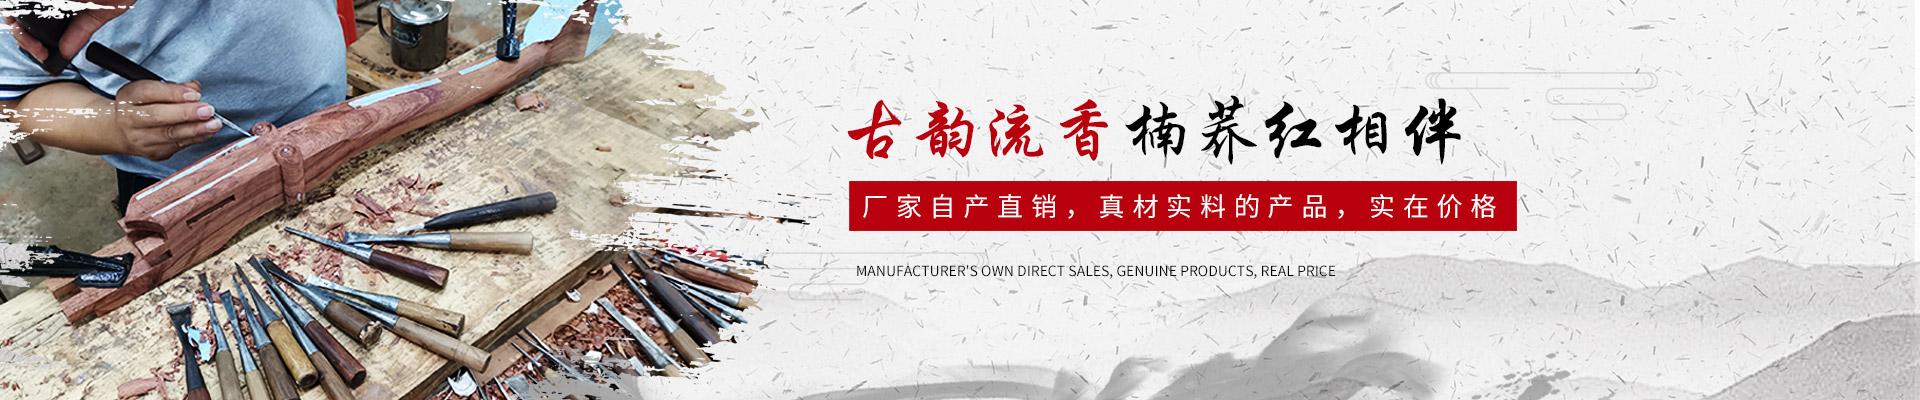 楠荞红厂家自产直销,真材实料的产品,实在价格